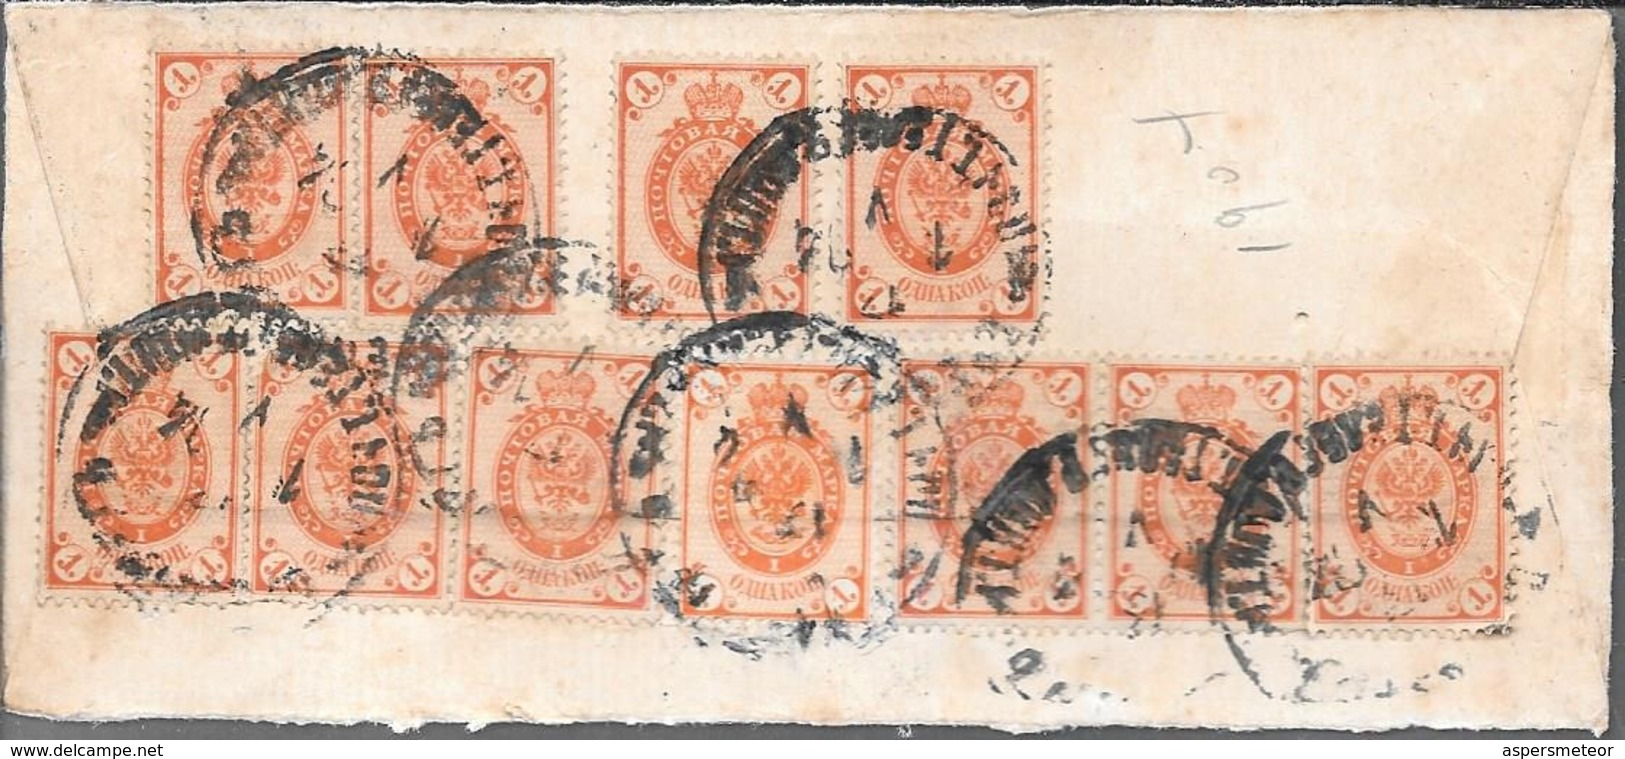 FRAGMENT D'ENVELOPPE AVEC 11 TIMBRES DE 1904 RUSIA RUSSLAND RUSSIA VOIR SCAN - 1857-1916 Imperium